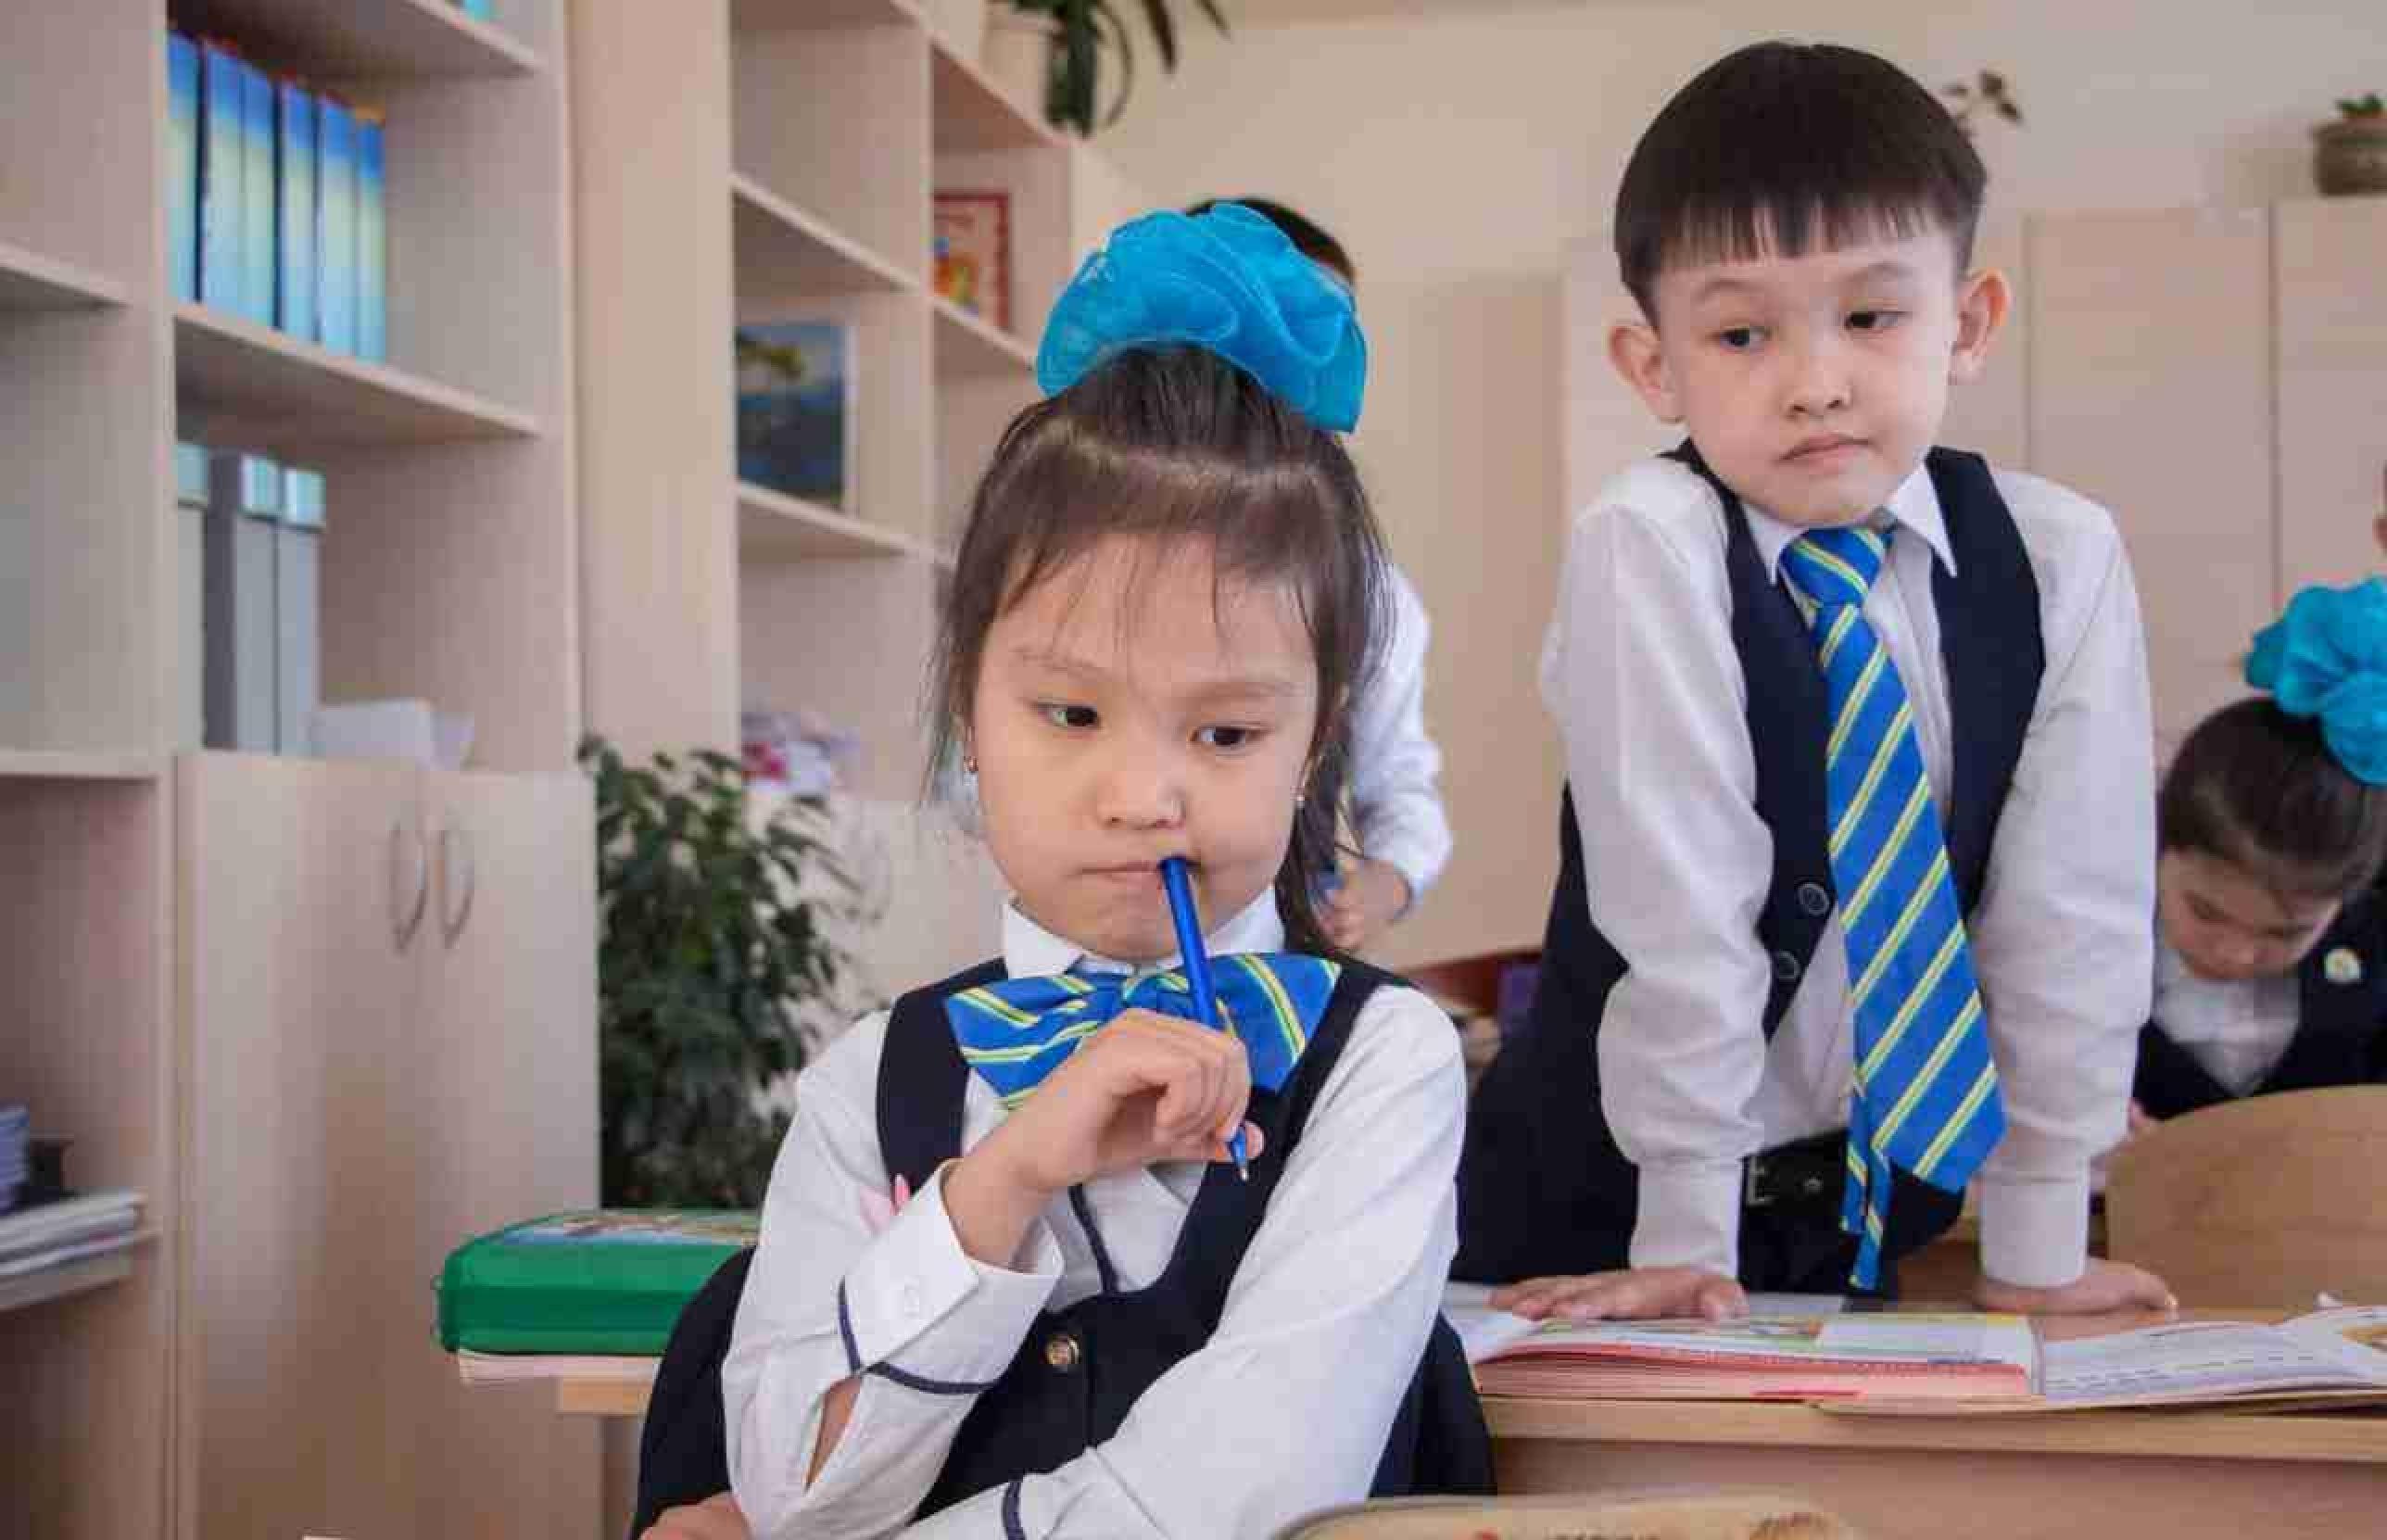 Учебный год 2020–2021: как будут учится и отдыхать школьники в Казахстане